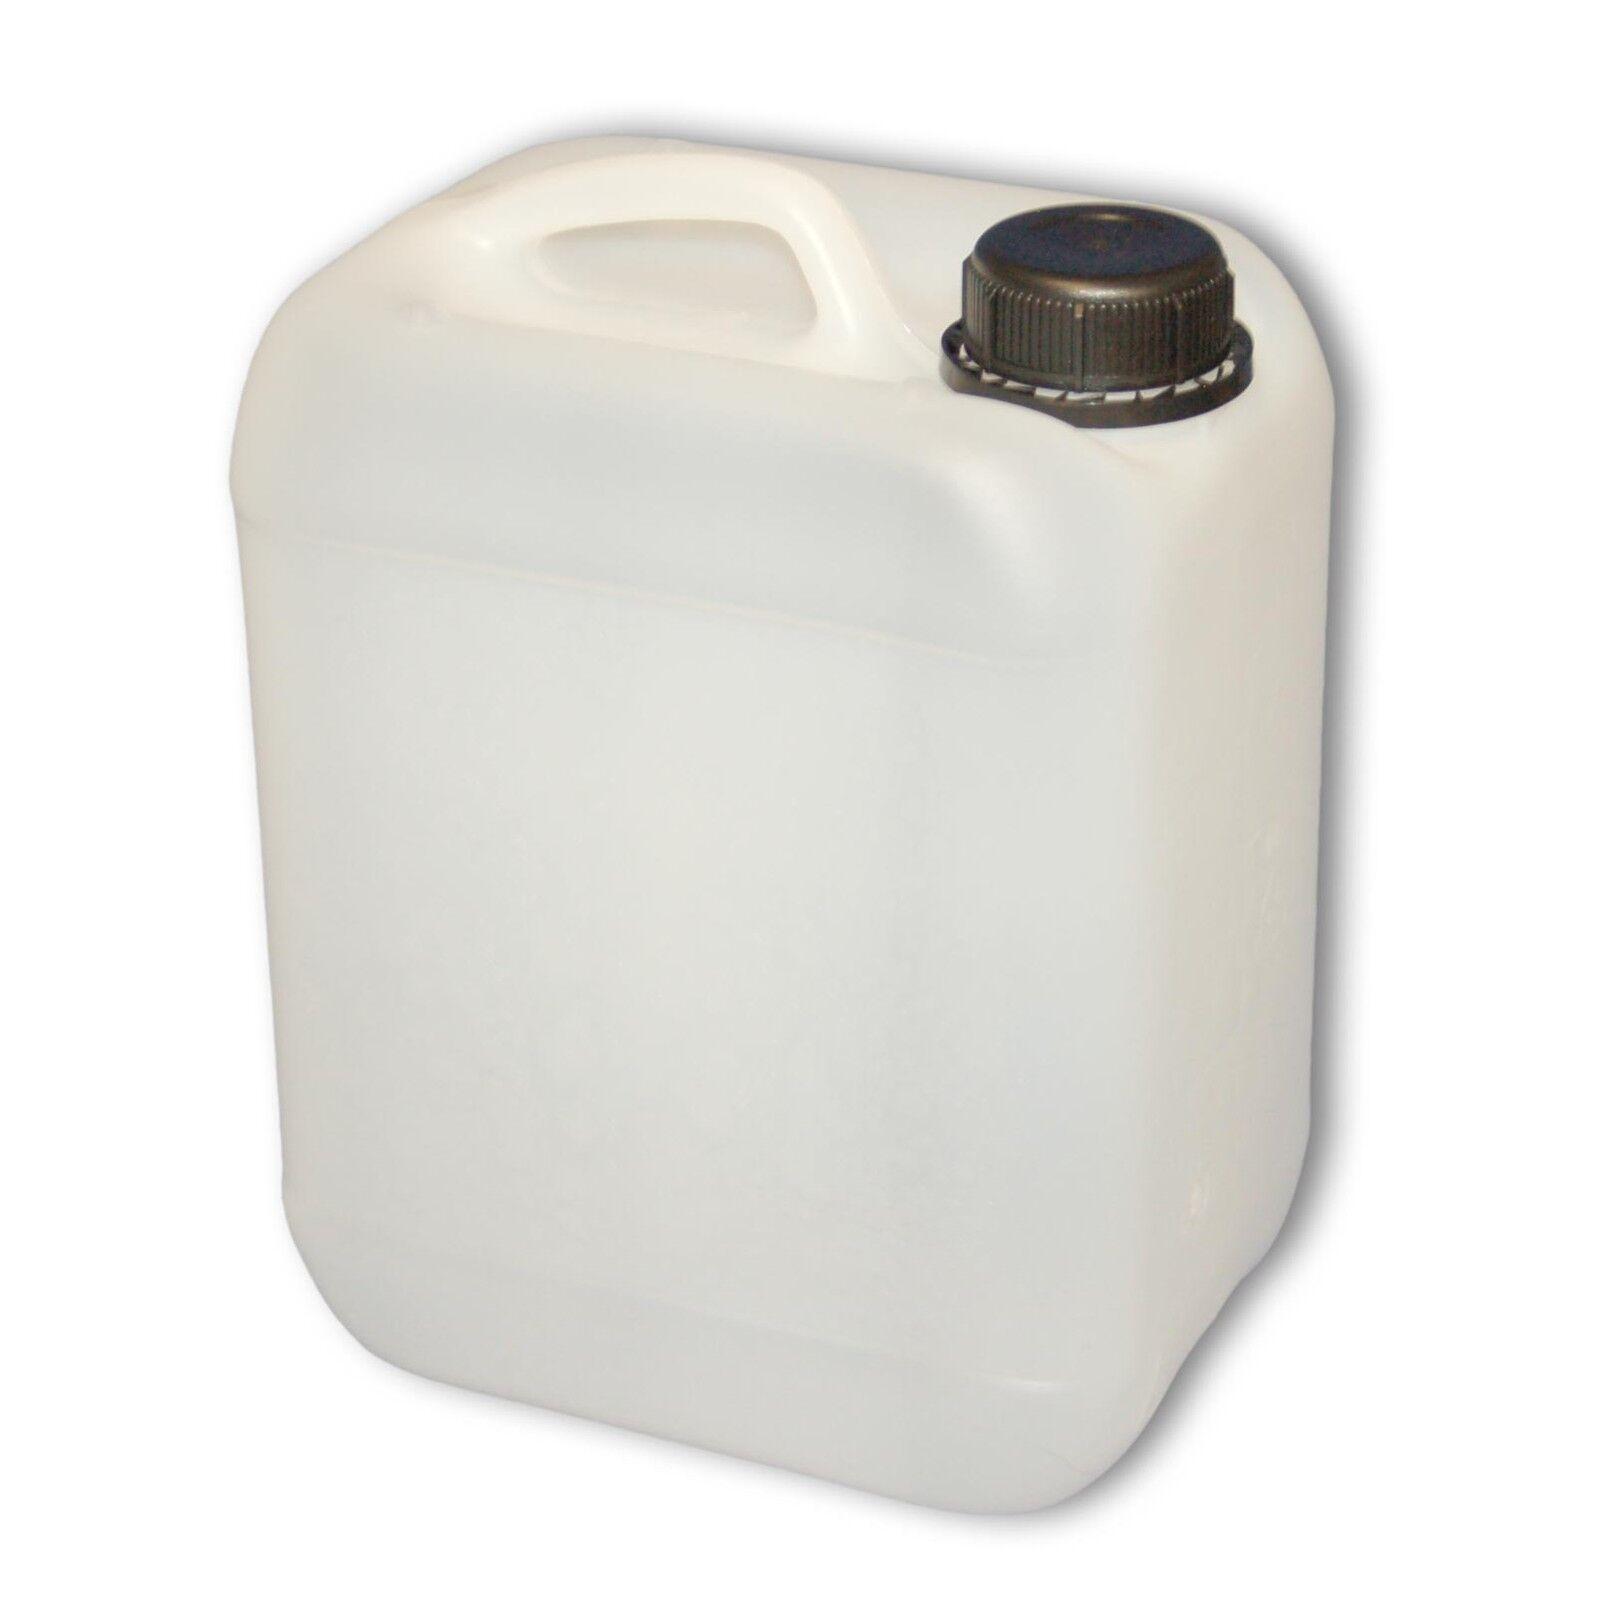 Bidon plastique 5 L, DIN45 naturel, PEHD, fabriqué en Allemagne (22004)